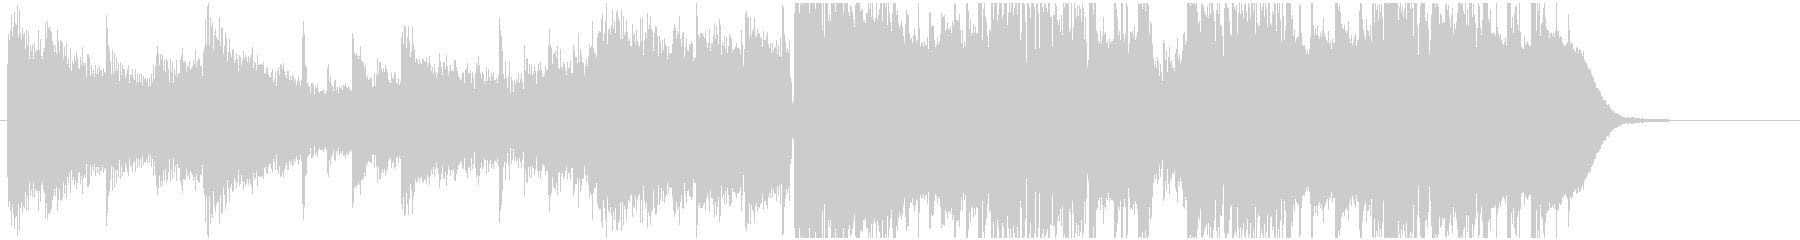 幻想的なフューチャーベースジングル18秒の未再生の波形